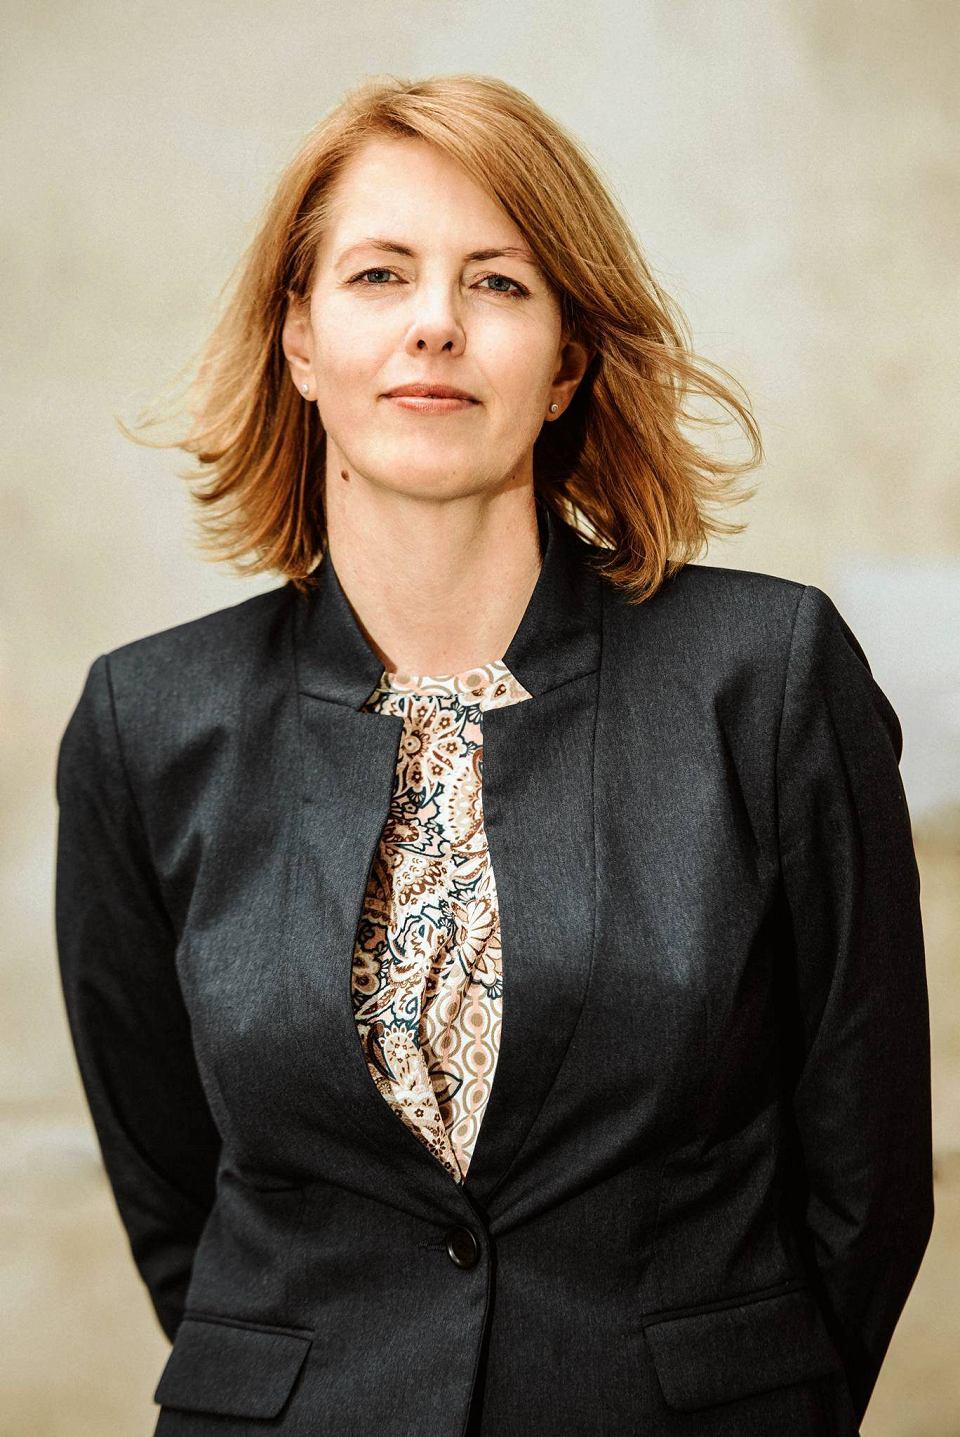 Agnieszka Wroblewska